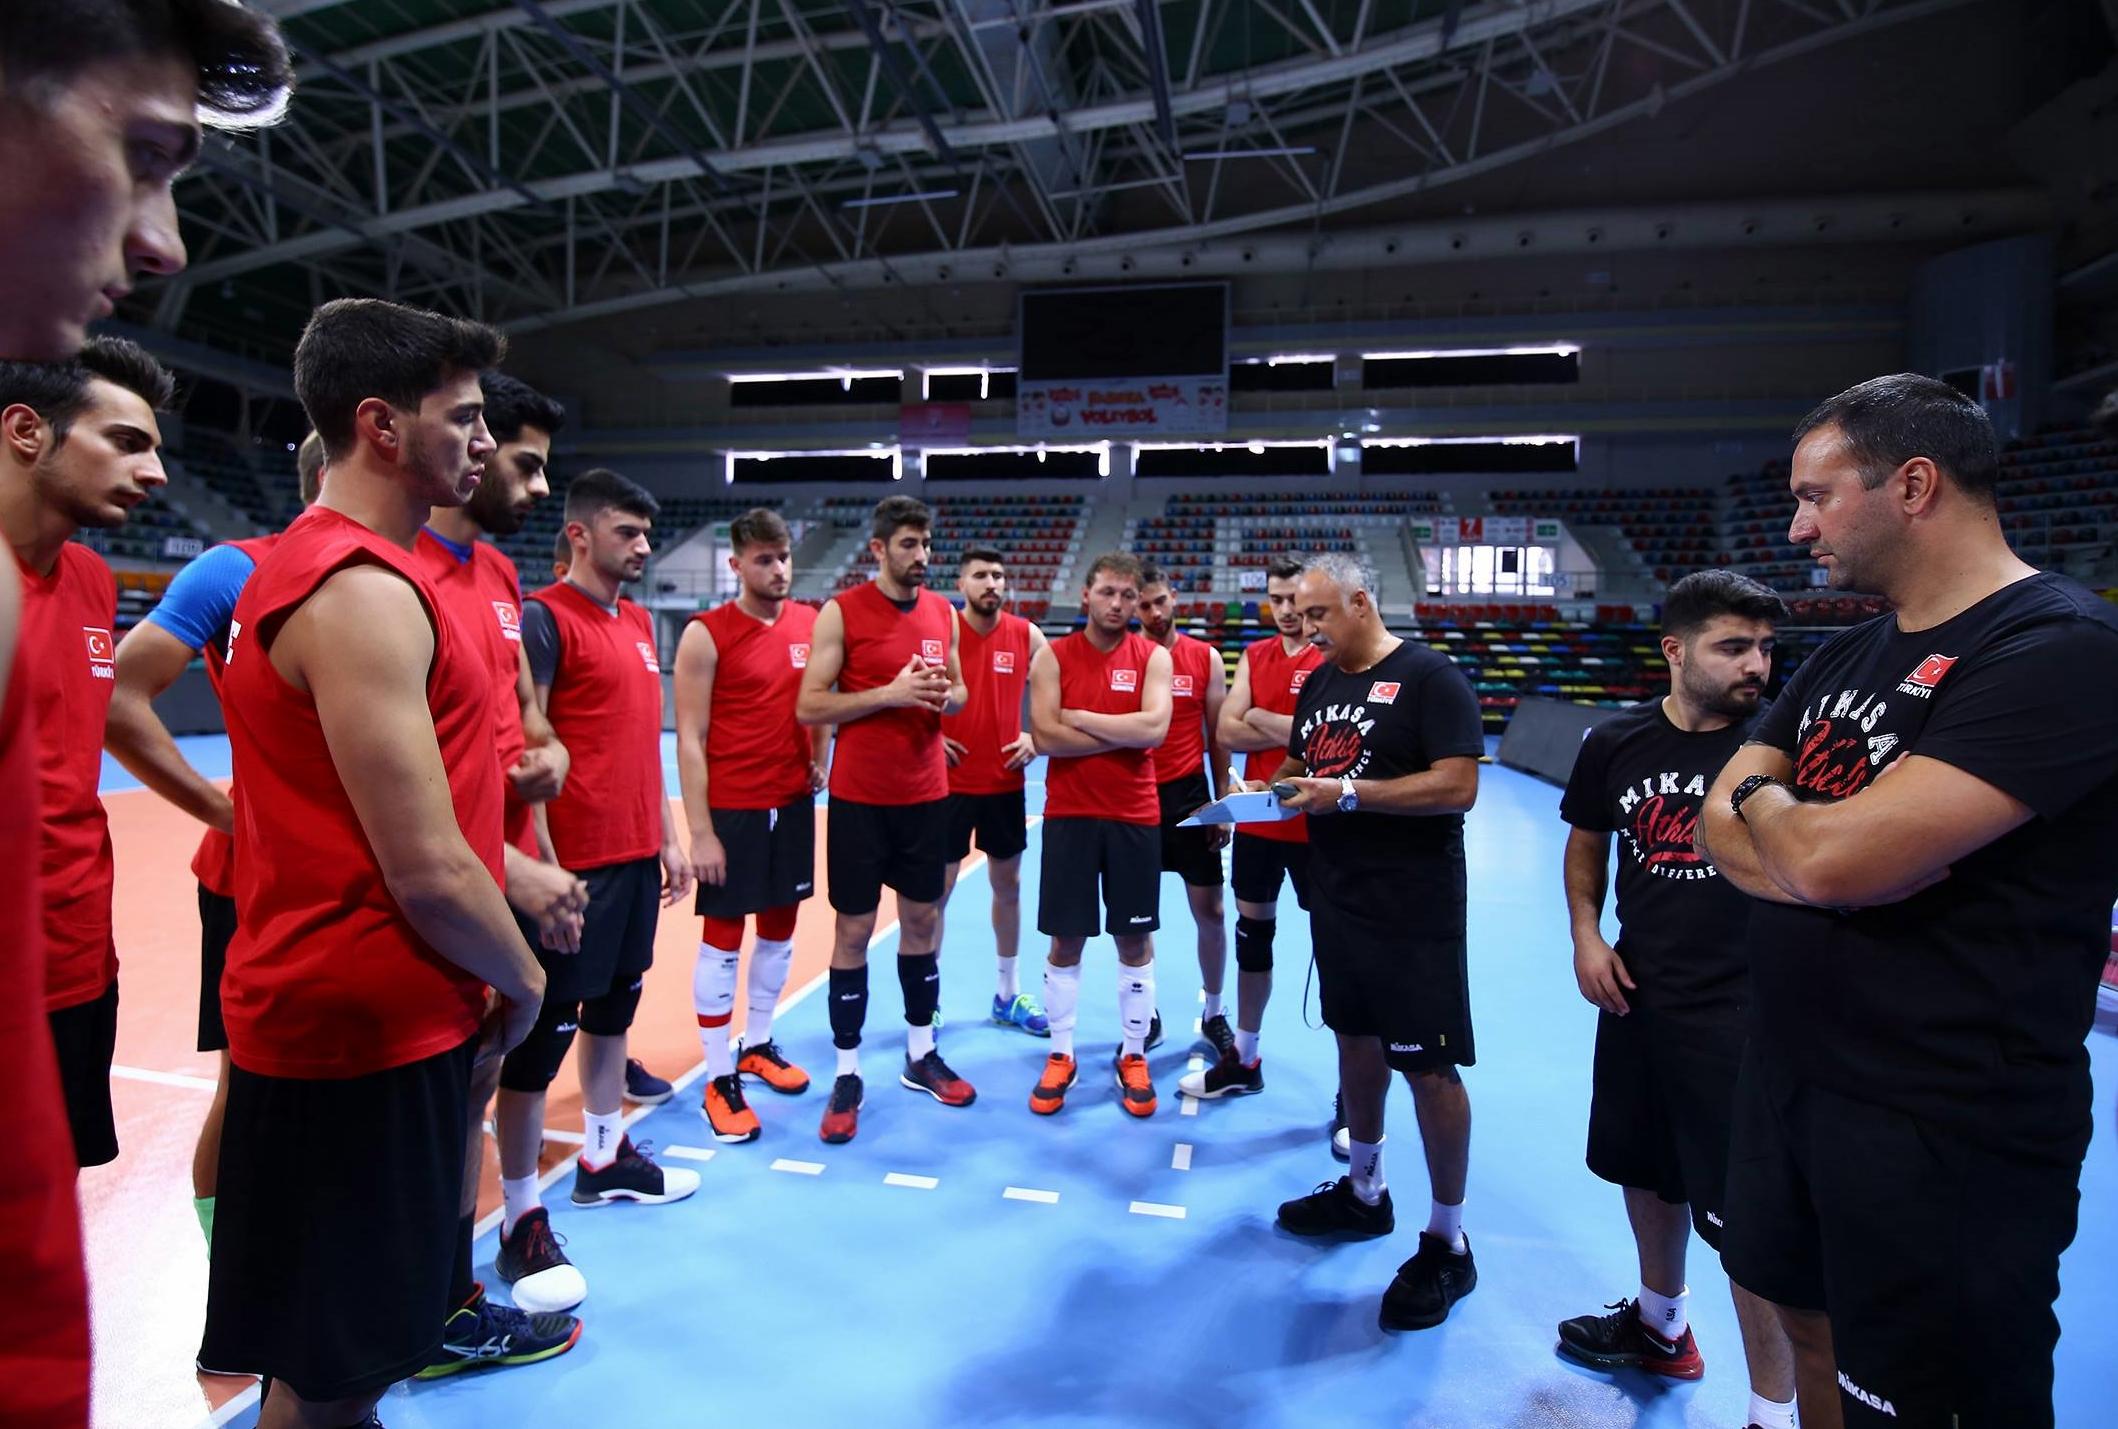 U23 takımı Mısır'da kampa giriyor!